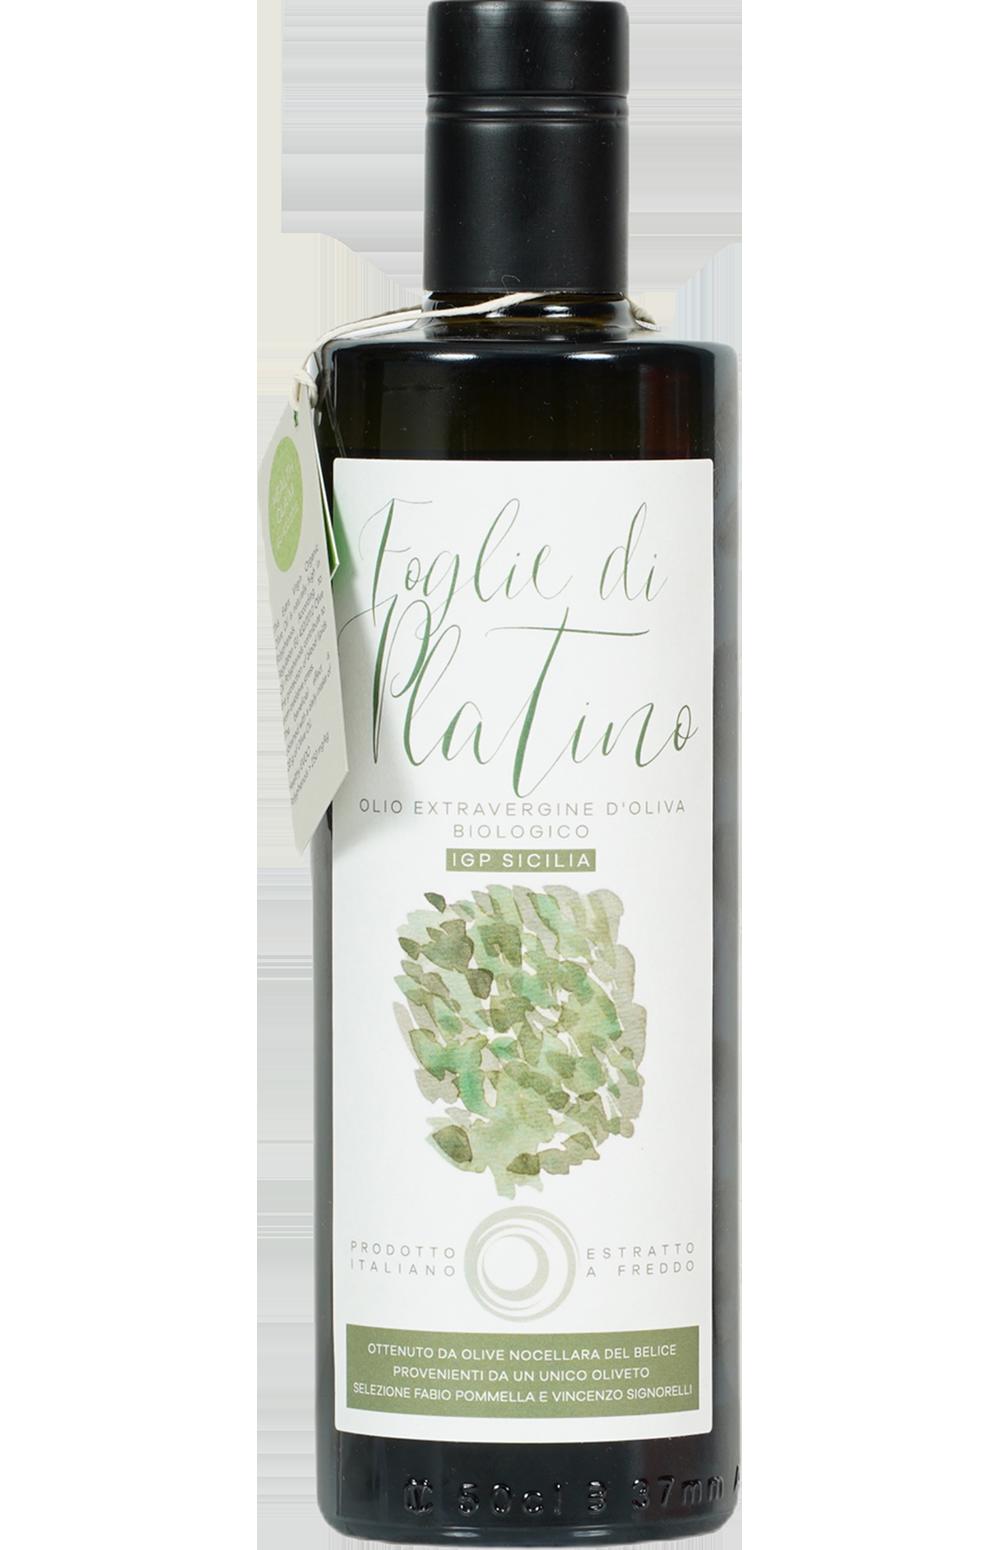 Foglie Di Platino - IGP Sicilia